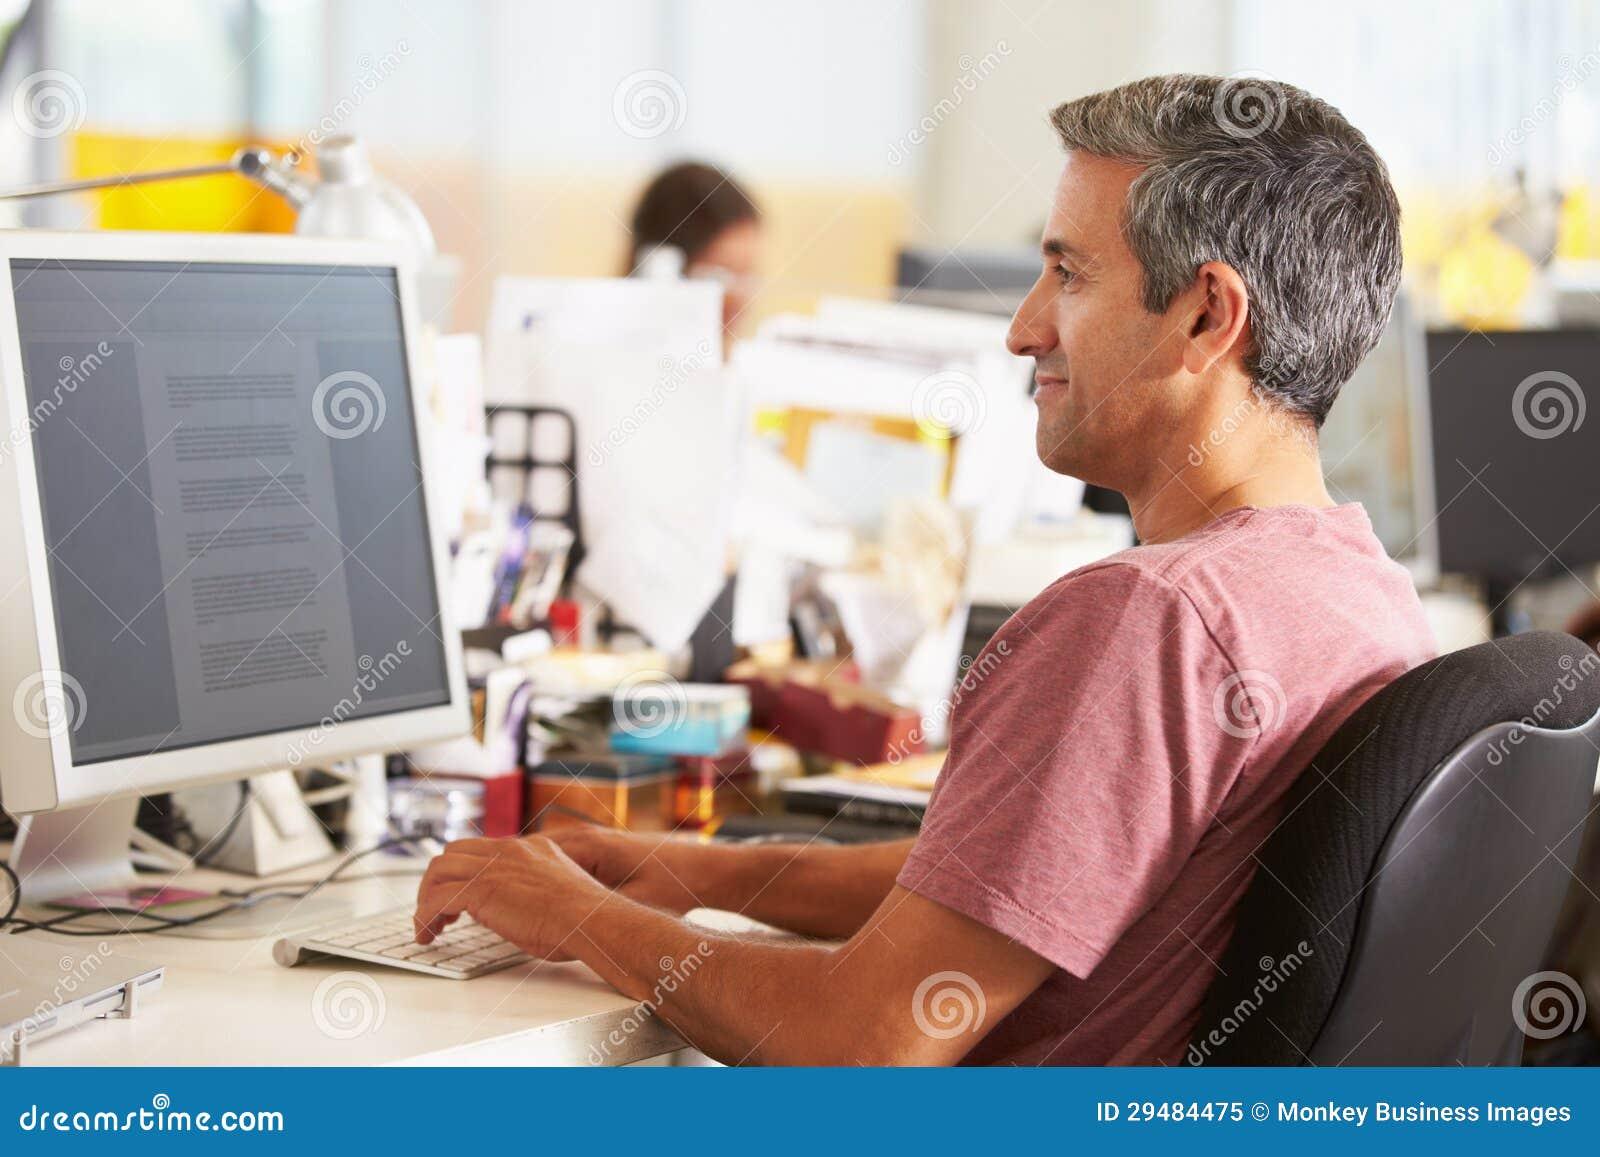 Uomo che lavora allo scrittorio in ufficio creativo occupato